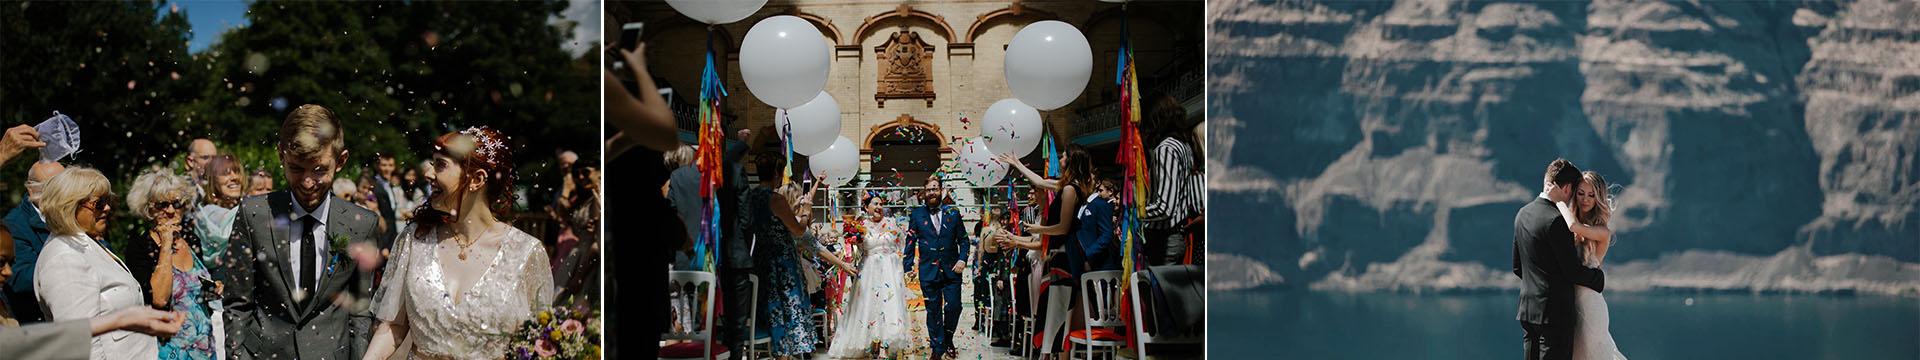 Bedruckte Hochzeitsteppiche und Hochzeitsläufer nach Deinen Wünschen individuell bedruckt!